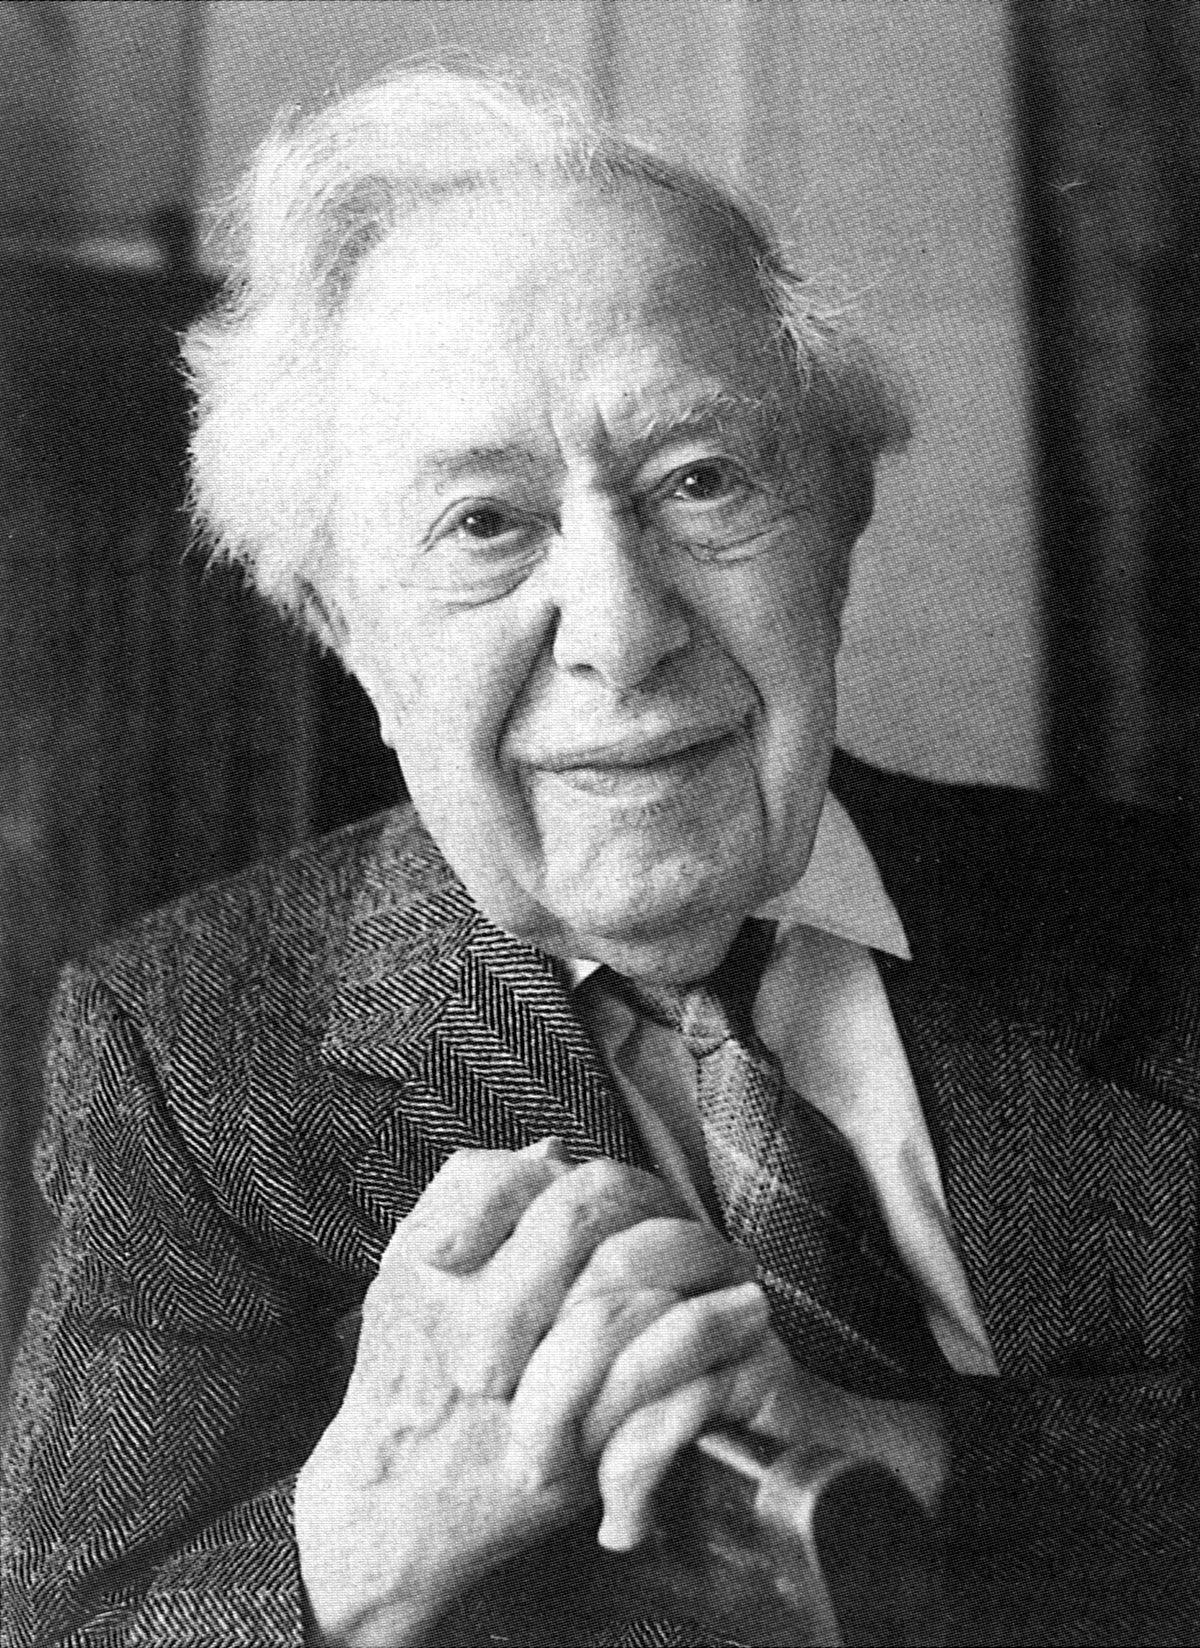 Forgotten Pianists: Mieczysław Horszowski